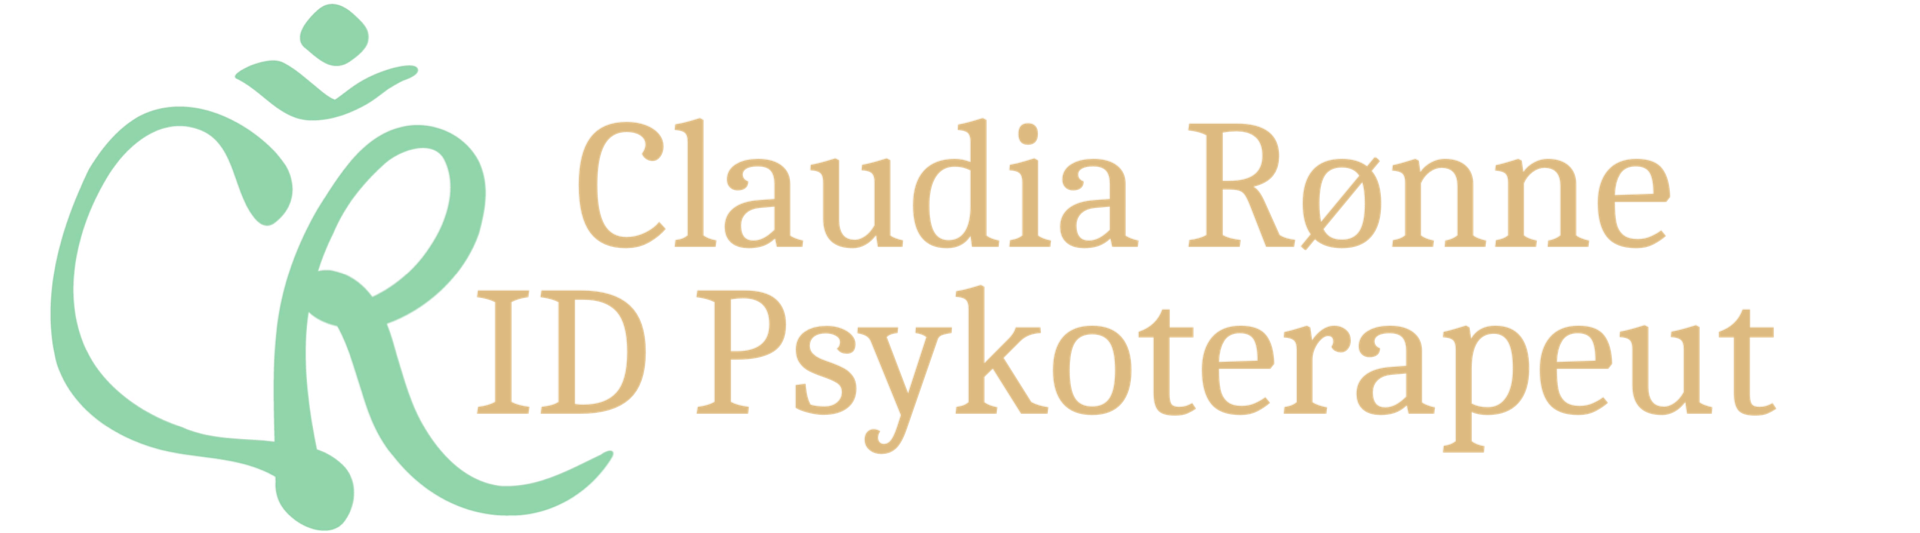 ID Psykoterapeut Claudia Rønne